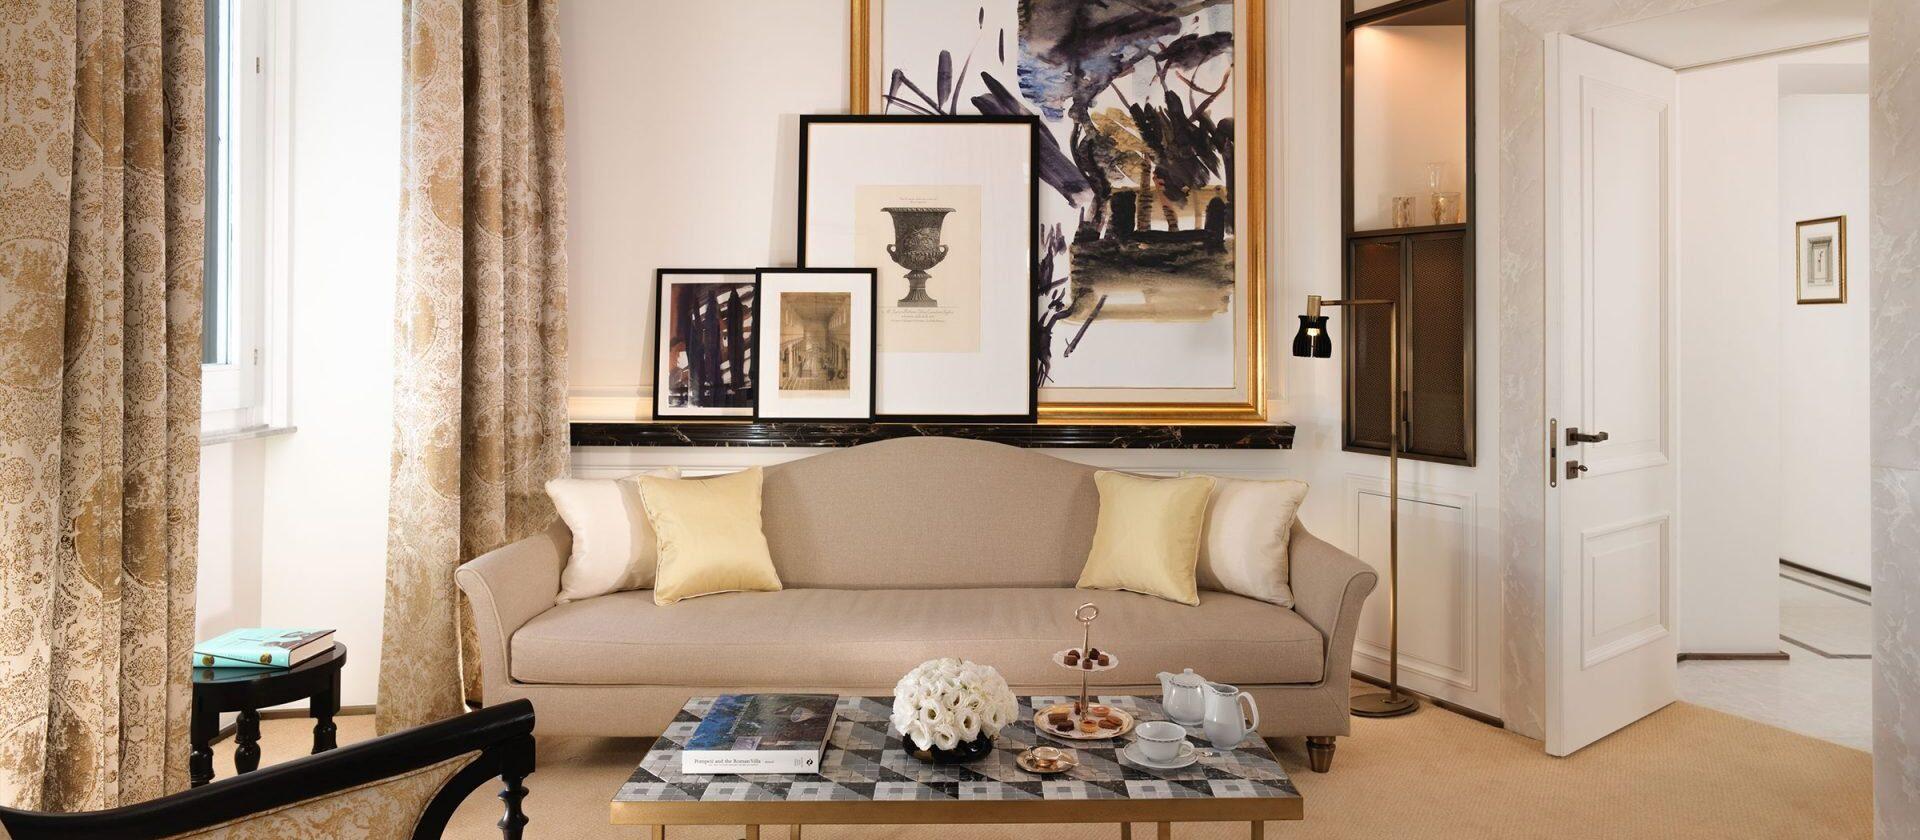 Hotel Eden - Rome - 5-Star Luxury Hotel | Dorchester Collection